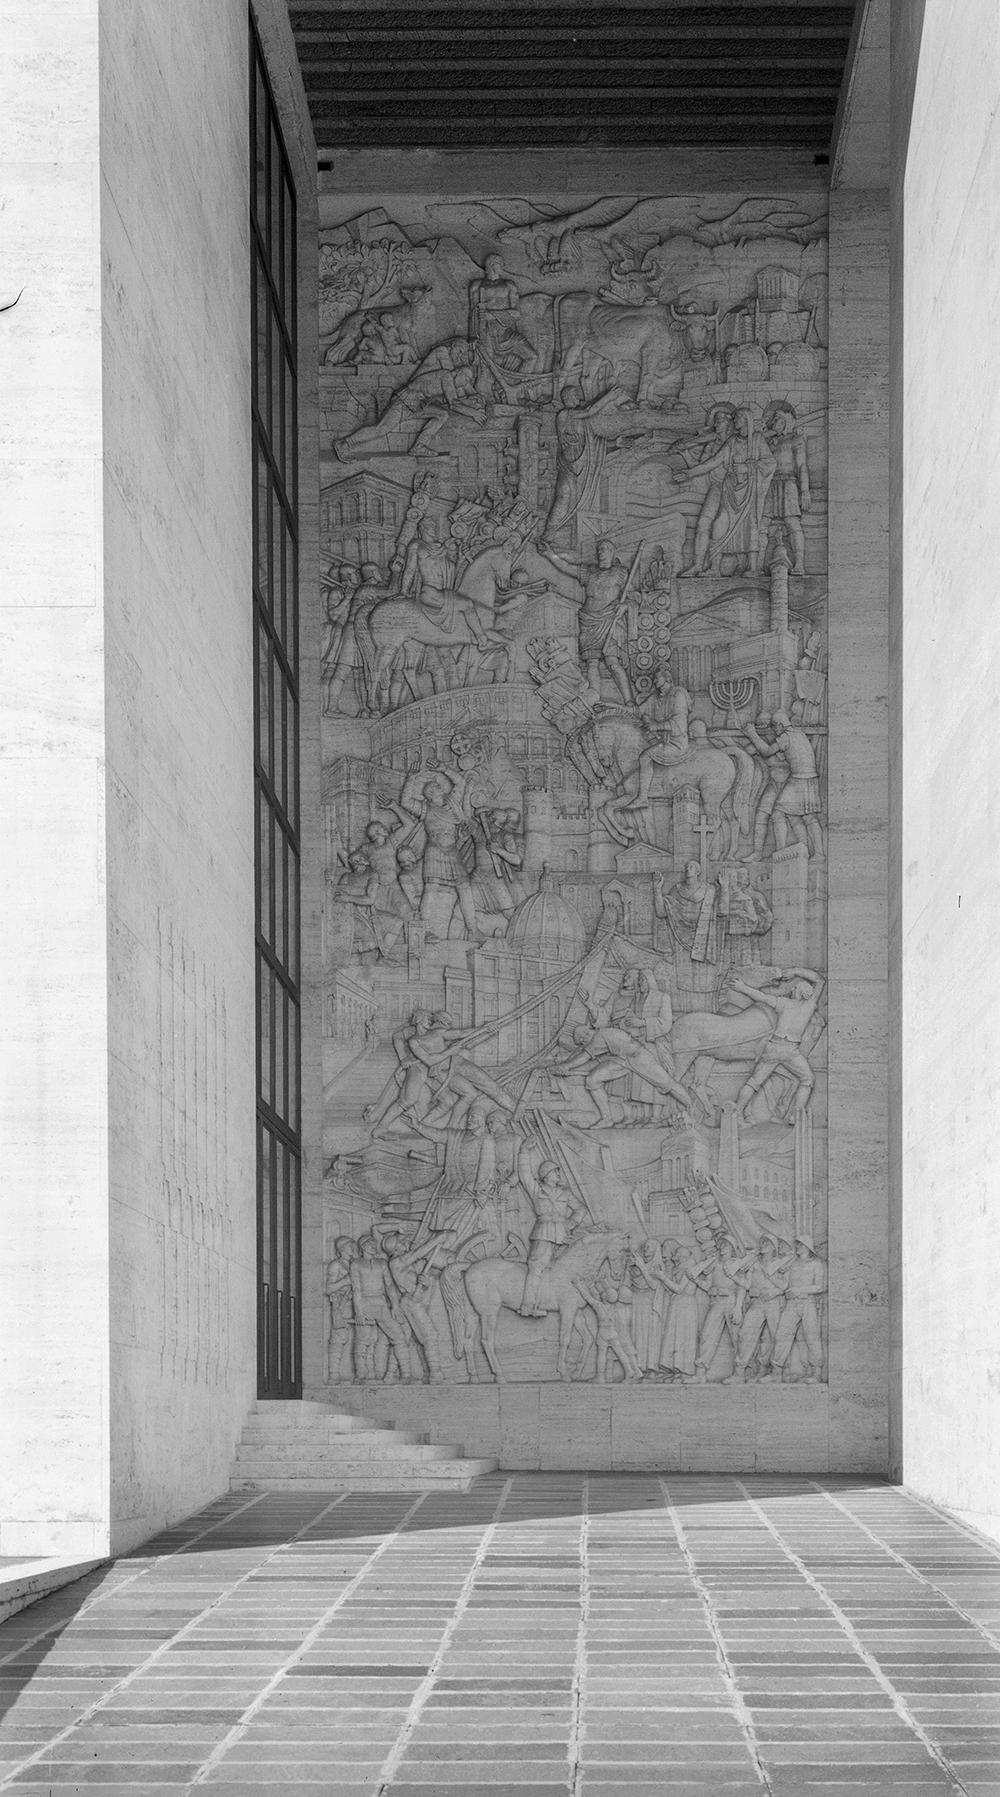 Il bassorilievo di Publio Morbiducci all'entrata di Palazzo Uffici in un'immagine storica (ASF EUR SpA 1058)